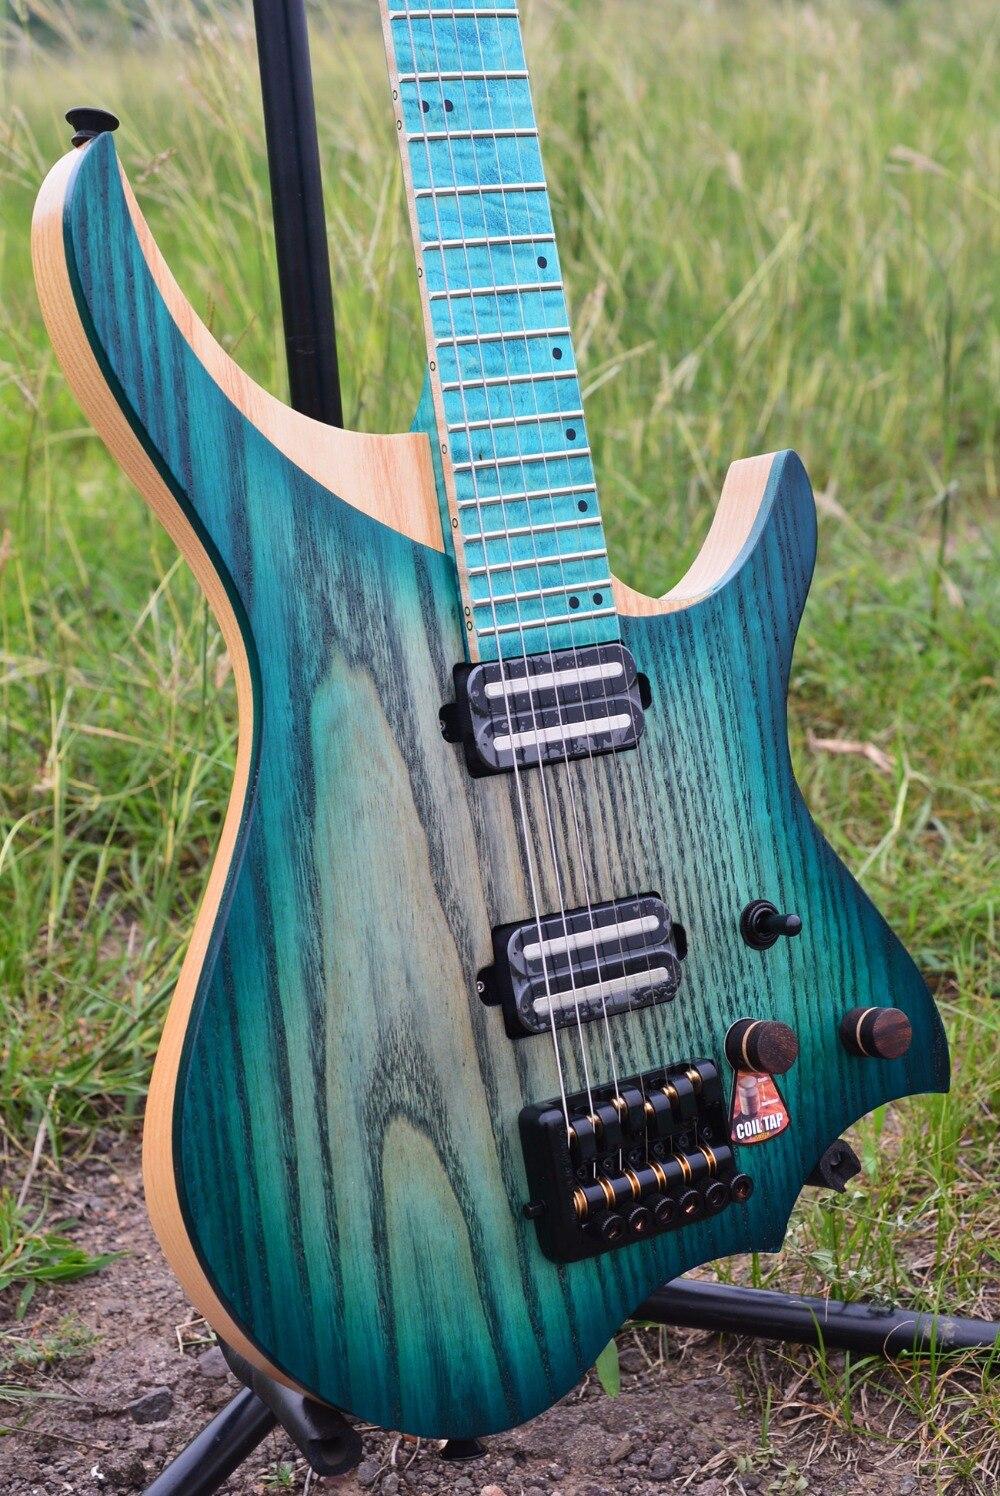 NK безголовая электрическая гитара, модель в стиле blue burst, цвет пламя, клен, шея, в наличии гитара, бесплатная доставка|Гитара| | АлиЭкспресс